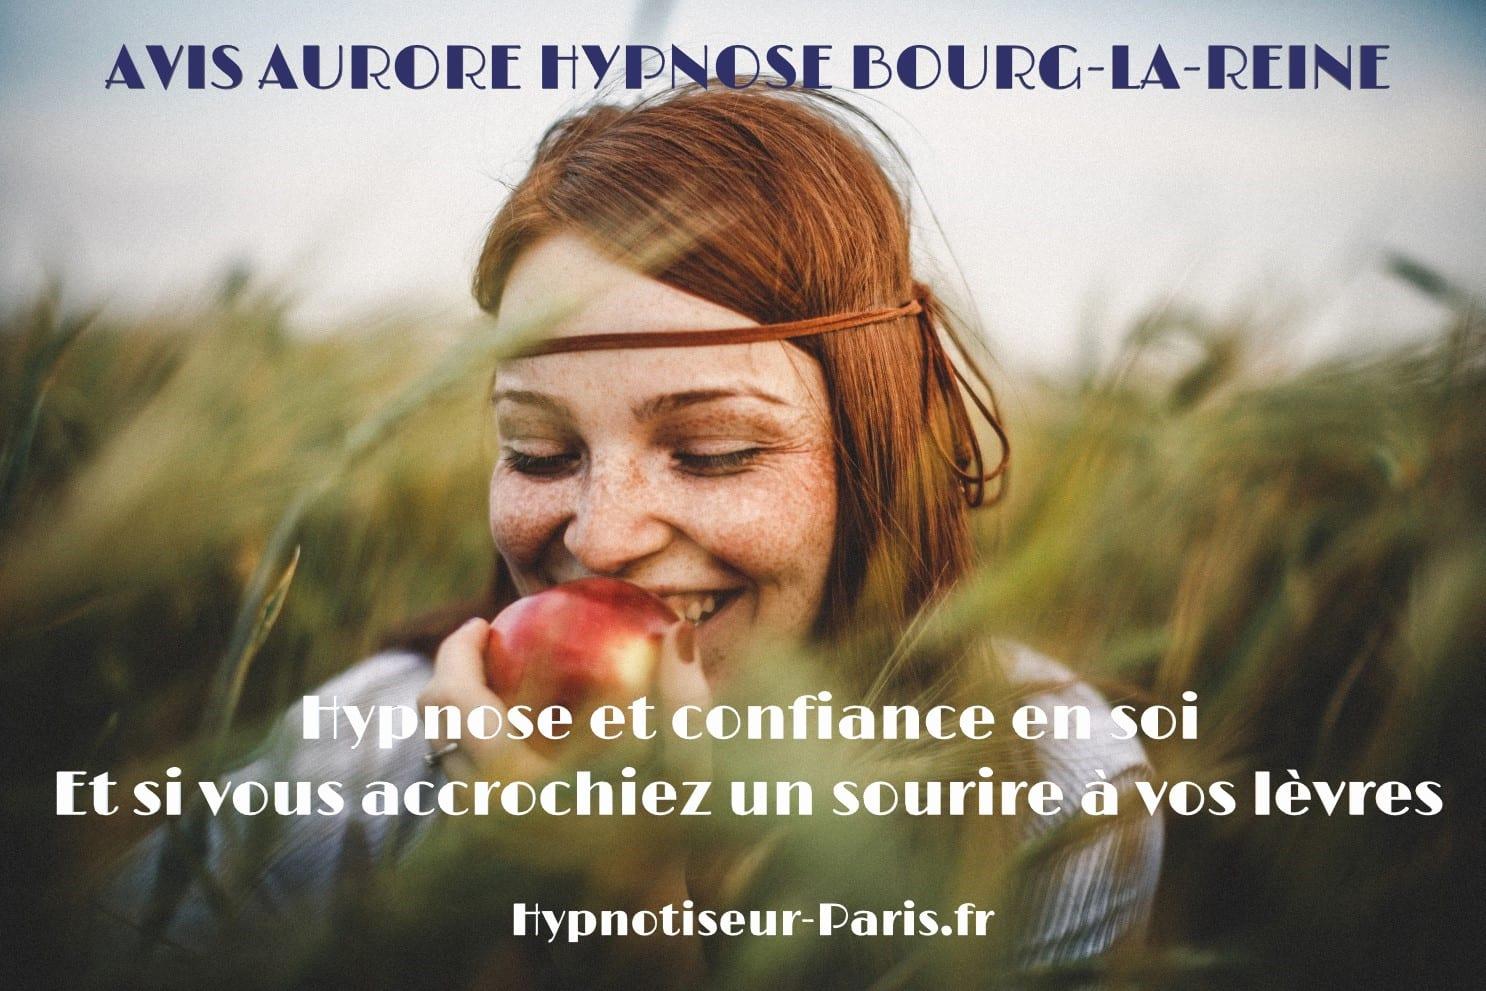 Hypnose, confiance en soi et sourire aux lèvres par Shaff Ben Amar Hypnose centre d'hypnose sur Bourg-La-Reine (92340) hypnose et sourire à L'Haÿ-les-Roses (94240) , hypnose et sourire à Cachan (94230 ) , hypnose et sourire à Arcueil (94110 ), hypnose et sourire à Bagneux (92220 ) , hypnose et sourire à Sceaux (92330 ), hypnose et sourire à Fontenay-aux-Roses (92260 ), hypnose et sourire à Chevilly-Larue (94550 ) , hypnose et sourire s à Châtillon (92320 ), hypnose et sourire à Fresnes (94260 ), hypnose et sourire au Plessis-Robinson (92350 ) , hypnose et sourire à Montrouge (92120 ) , hypnose et sourire à Antony (92160 ), hypnose et sourire à Gentilly (94250 ), hypnose et sourire à Malakoff (92240 ), hypnose et sourire à Villejuif (94800 ) , hypnose et sourire à Clamart (92140 ), hypnose et sourire à Châtenay-Malabry (92290 ), hypnose et sourire à Rungis (94150 ) , hypnose et sourire au Kremlin-Bicêtre (94270), hypnose et sourire à Paris (75), hypnose et sourire en Île de France , hypnose et sourire à Paris (75000) , hypnose et sourire à Boulogne-Billancourt (92100) , hypnose et sourire à Saint-Denis (93200) , hypnose et sourire à Argenteuil (95100) , hypnose et sourire à Montreuil (93100) , hypnose et sourire à Créteil (94000) , hypnose et sourire à Nanterre (92000) , hypnose et sourire à Courbevoie (92400) , hypnose et sourire à Versailles (78000) , hypnose et sourire à Vitry-sur-Seine (94400) , hypnose et sourire à Colombes (92700) , hypnose et sourire à Asnières-sur-Seine (92600) , hypnose et sourire à Aulnay-sous-Bois (93600) , hypnose et sourire à Rueil-Malmaison (92500) , hypnose et sourire à Aubervilliers (93300) , hypnose et sourire à Champigny-sur-Marne (94500) , hypnose et sourire à Saint-Maur-des-Fossés (94100) , hypnose et sourire à Drancy (93700) , hypnose et sourire à Issy-les-Moulineaux (92130) , hypnose et sourire à Levallois-Perret (92300) , hypnose et sourire à Noisy-le-Grand (93160) , hypnose et sourire à Antony (92160) , hypnose et sourire à Ne